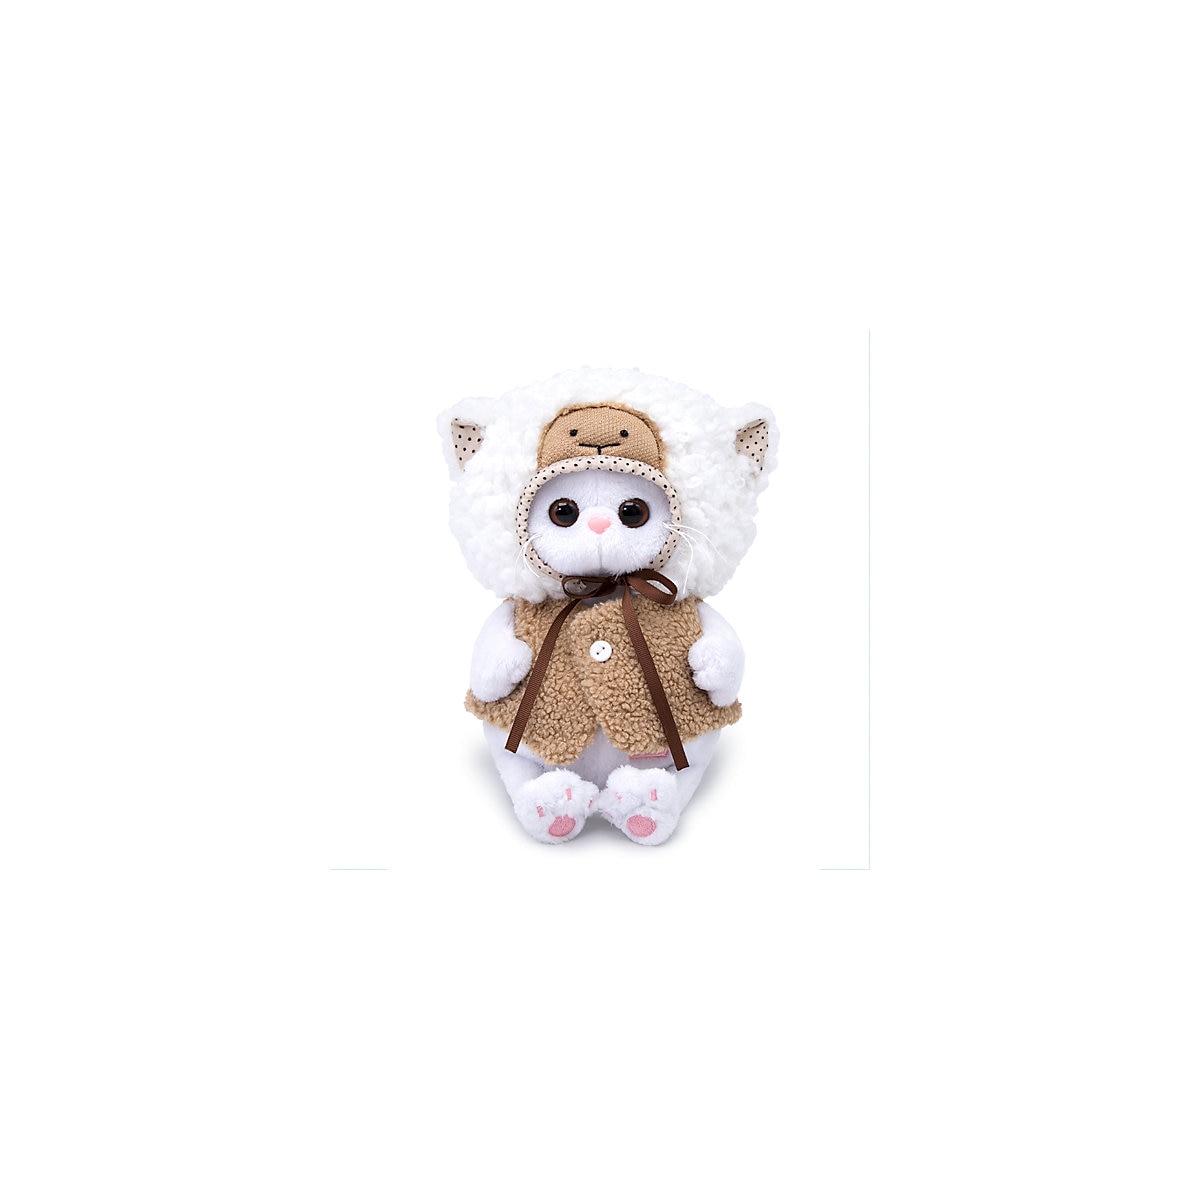 Stuffed & Plush Animais 11091159 brinquedo para meninos e meninas brinquedos macios para o bebê MTpromo